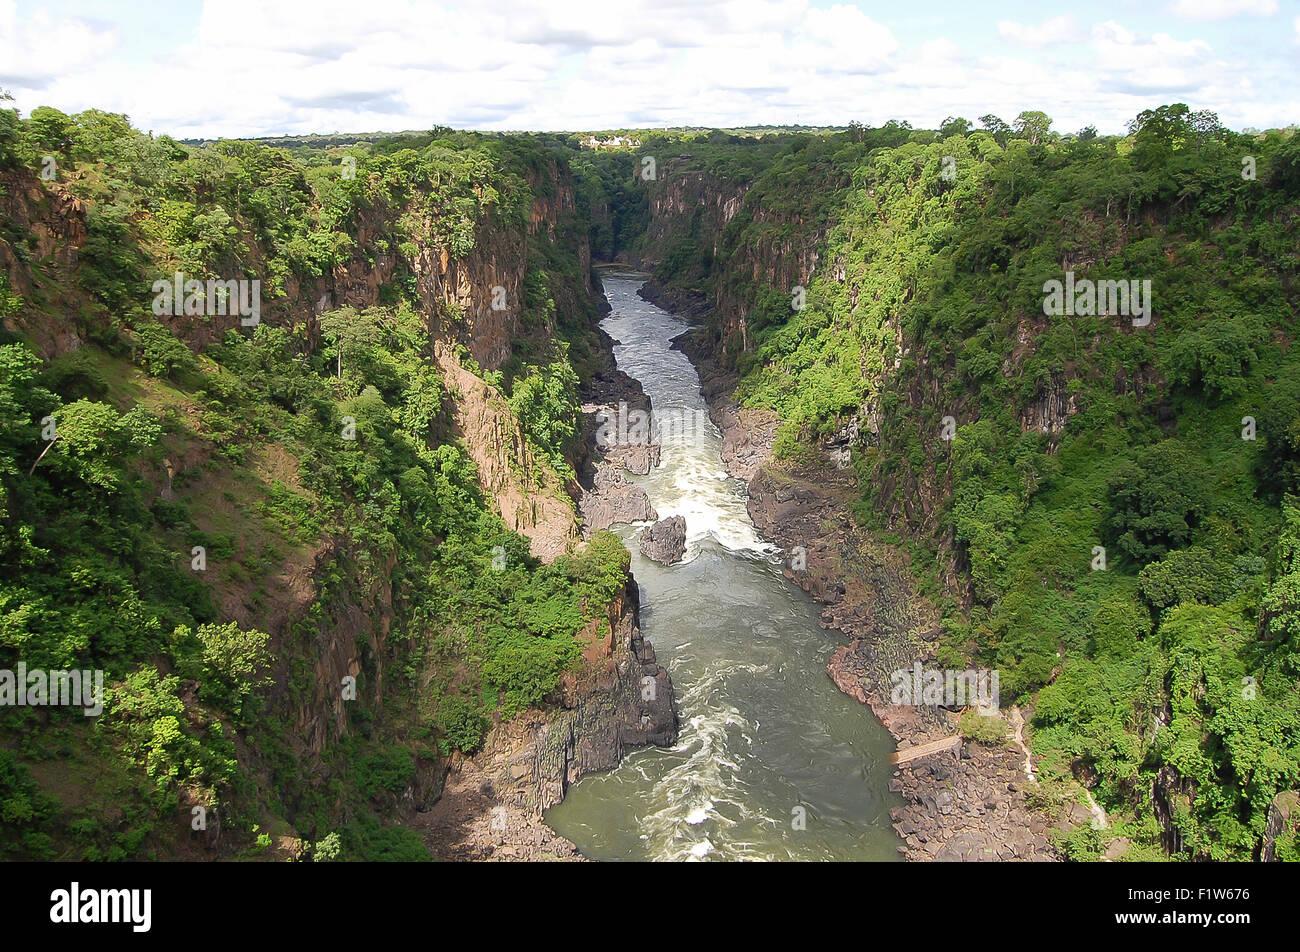 Zambezi River - Zambia/Zimbabwe - Stock Image